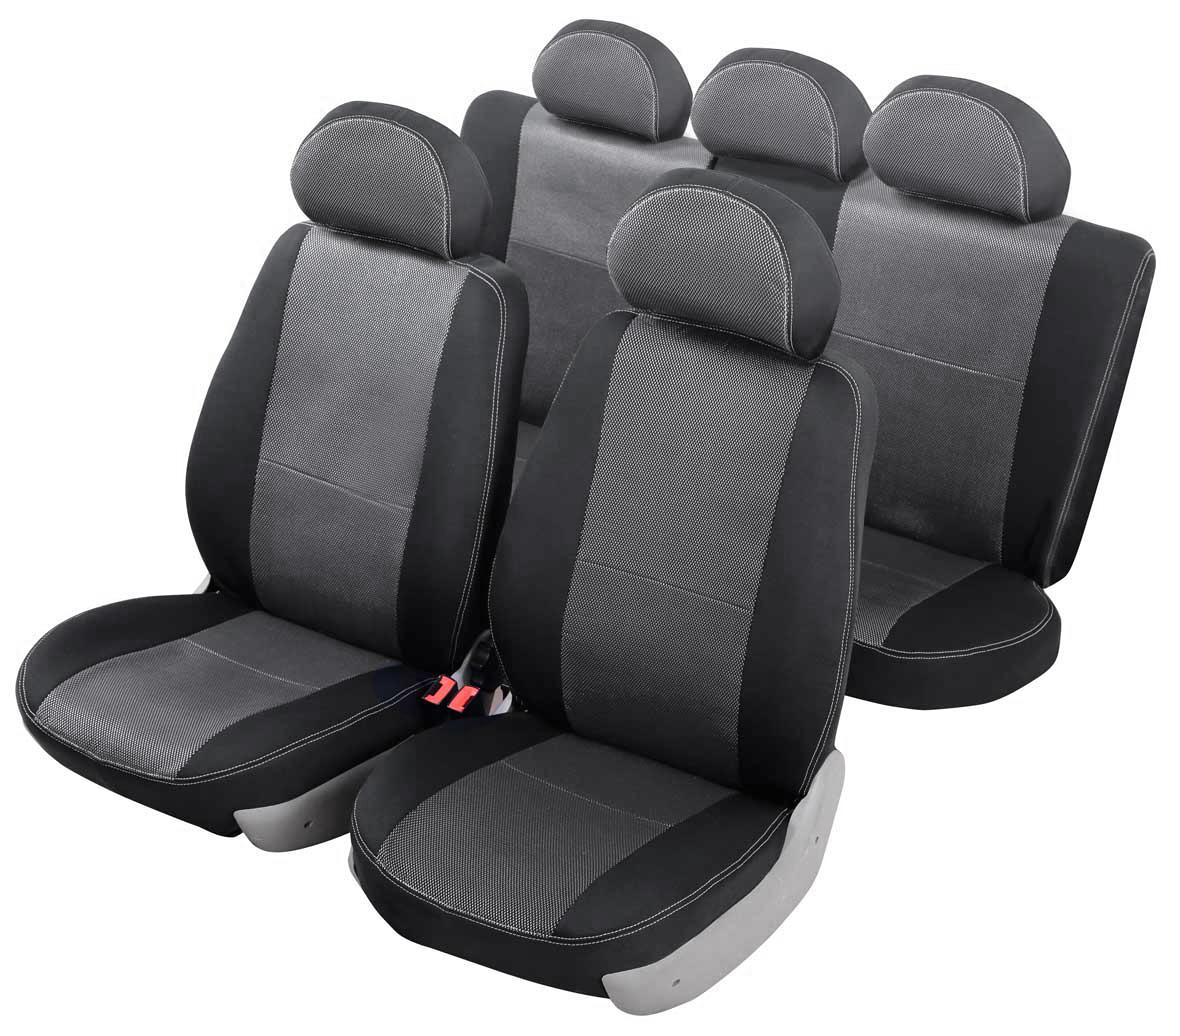 Чехол на автомобильное кресло Senator Dakkar LADA 2170 PRIORA 2007-н.в. сед., цвет: черныйS3010061Разработаны в РФ индивидуально для каждой модели автомобиля. Чехлы Senator Dakkar серийно выпускаются на собственном швейном производстве в России. Чехлы идеально повторяют штатную форму сидений и выглядят как оригинальная обивка сидений. Для простоты установки используется липучка Velcro, учтены все технологические отверстия. Чехлы сохраняют полную функциональность салона – трасформация сидений, возможность установки детских кресел ISOFIX, не препятствуют работе подушек безопасности AIRBAG и подогрева сидений. Дизайн чехлов Senator Dakkar приближен к оригинальной обивке салона. Чехлы имеют вставки из жаккарда по центру переднего сиденья и на подголовниках. Декоративная контрастная прострочка по периметру авточехлов придает стильный и изысканный внешний вид интерьеру автомобиля. Чехлы Senator Dakkar изготовлены из сверхпрочного жаккарда, триплированного огнеупорным поролоном толщиной 3 мм, за счет чего чехол приобретает дополнительную мягкость. Подложка из спандбонда сохраняет...